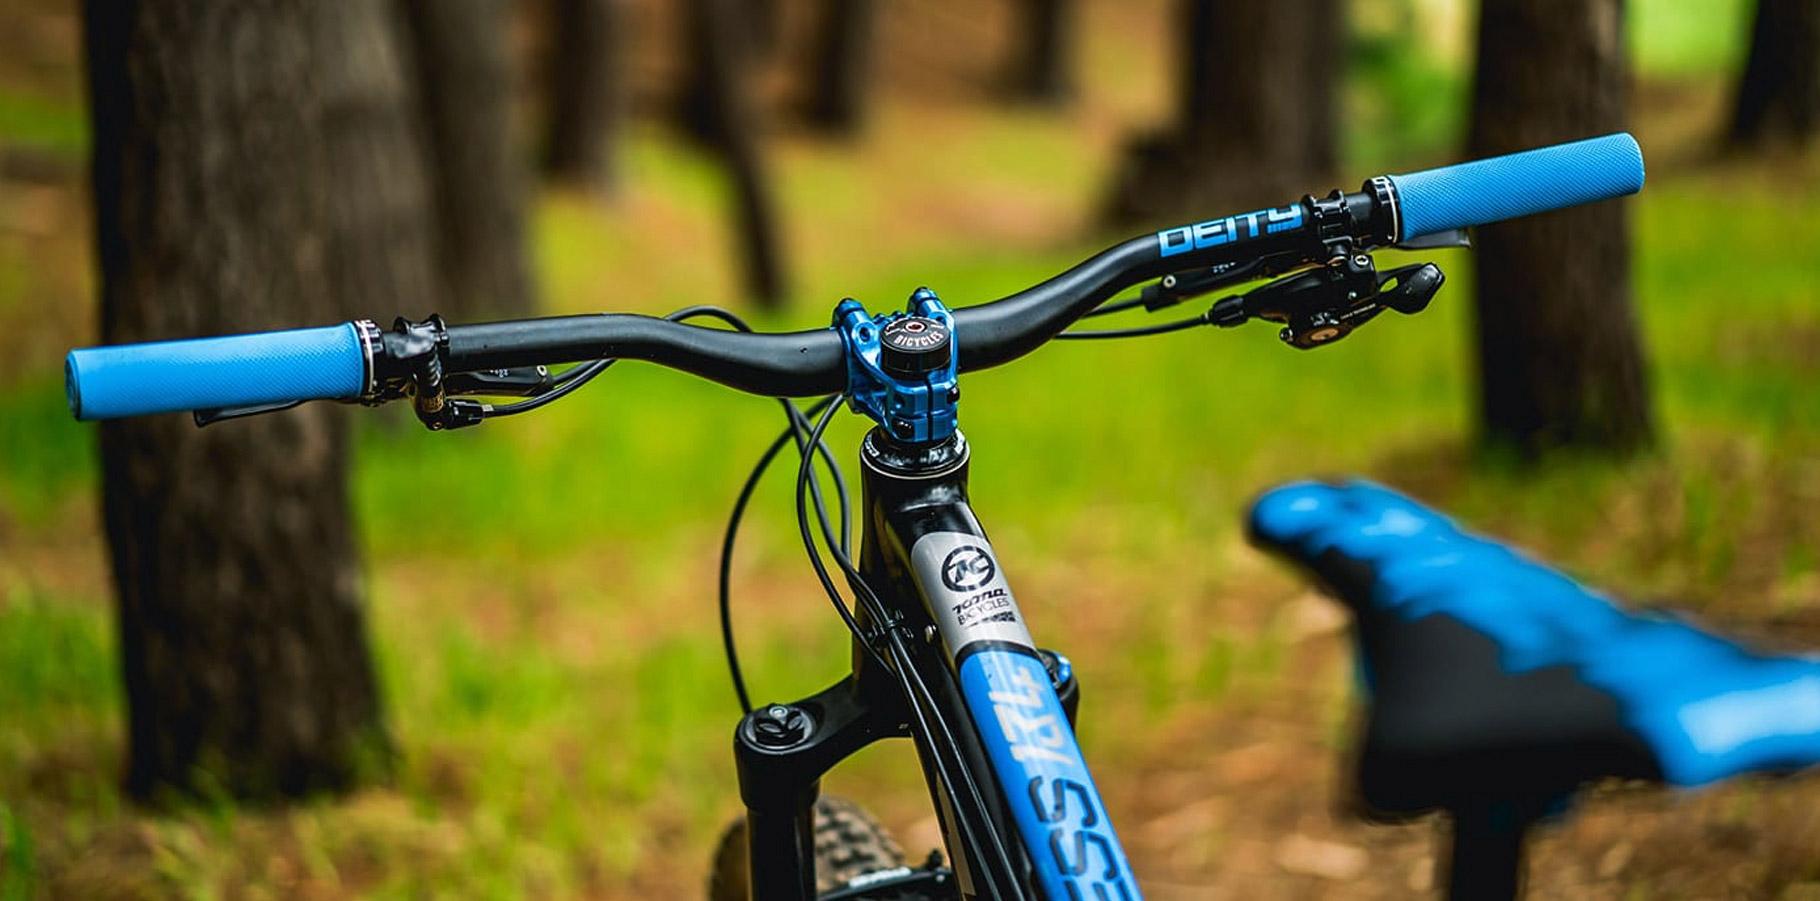 Deity-gripy-waypoint-bike